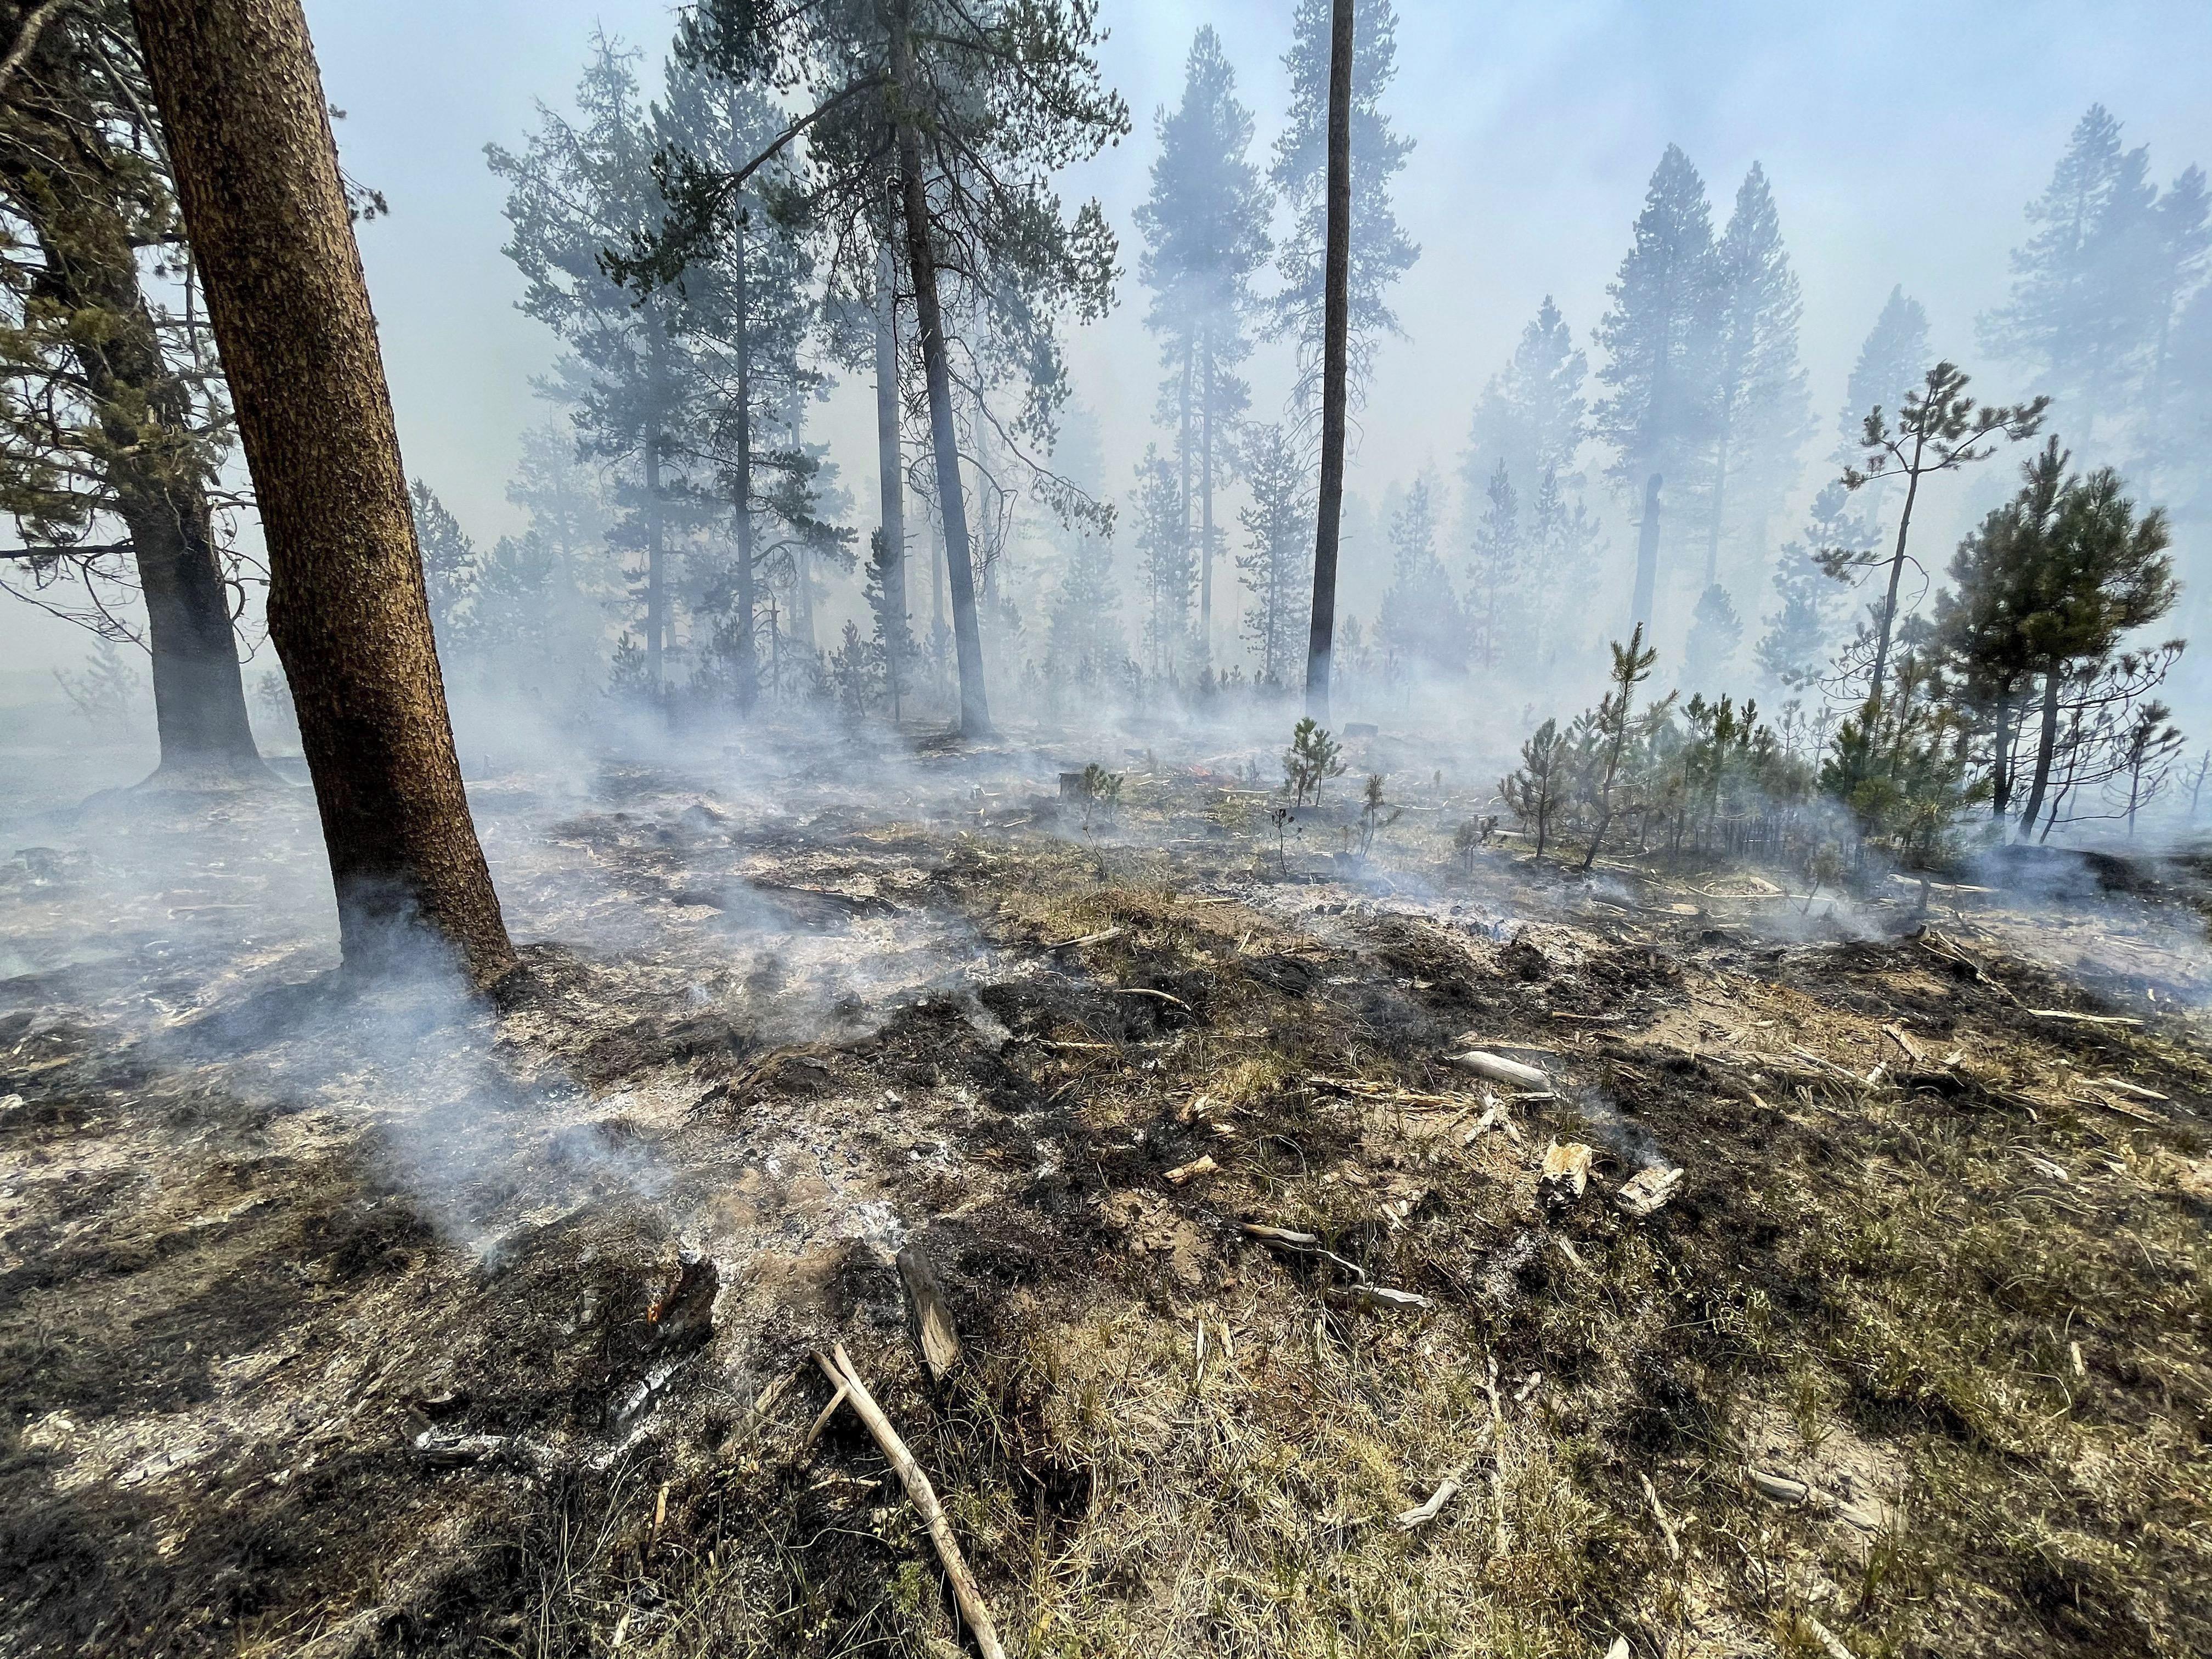 Légszennyezettségi riadót hirdettek az USA keleti partján, mert annyi az erdőtűz a nyugati parton